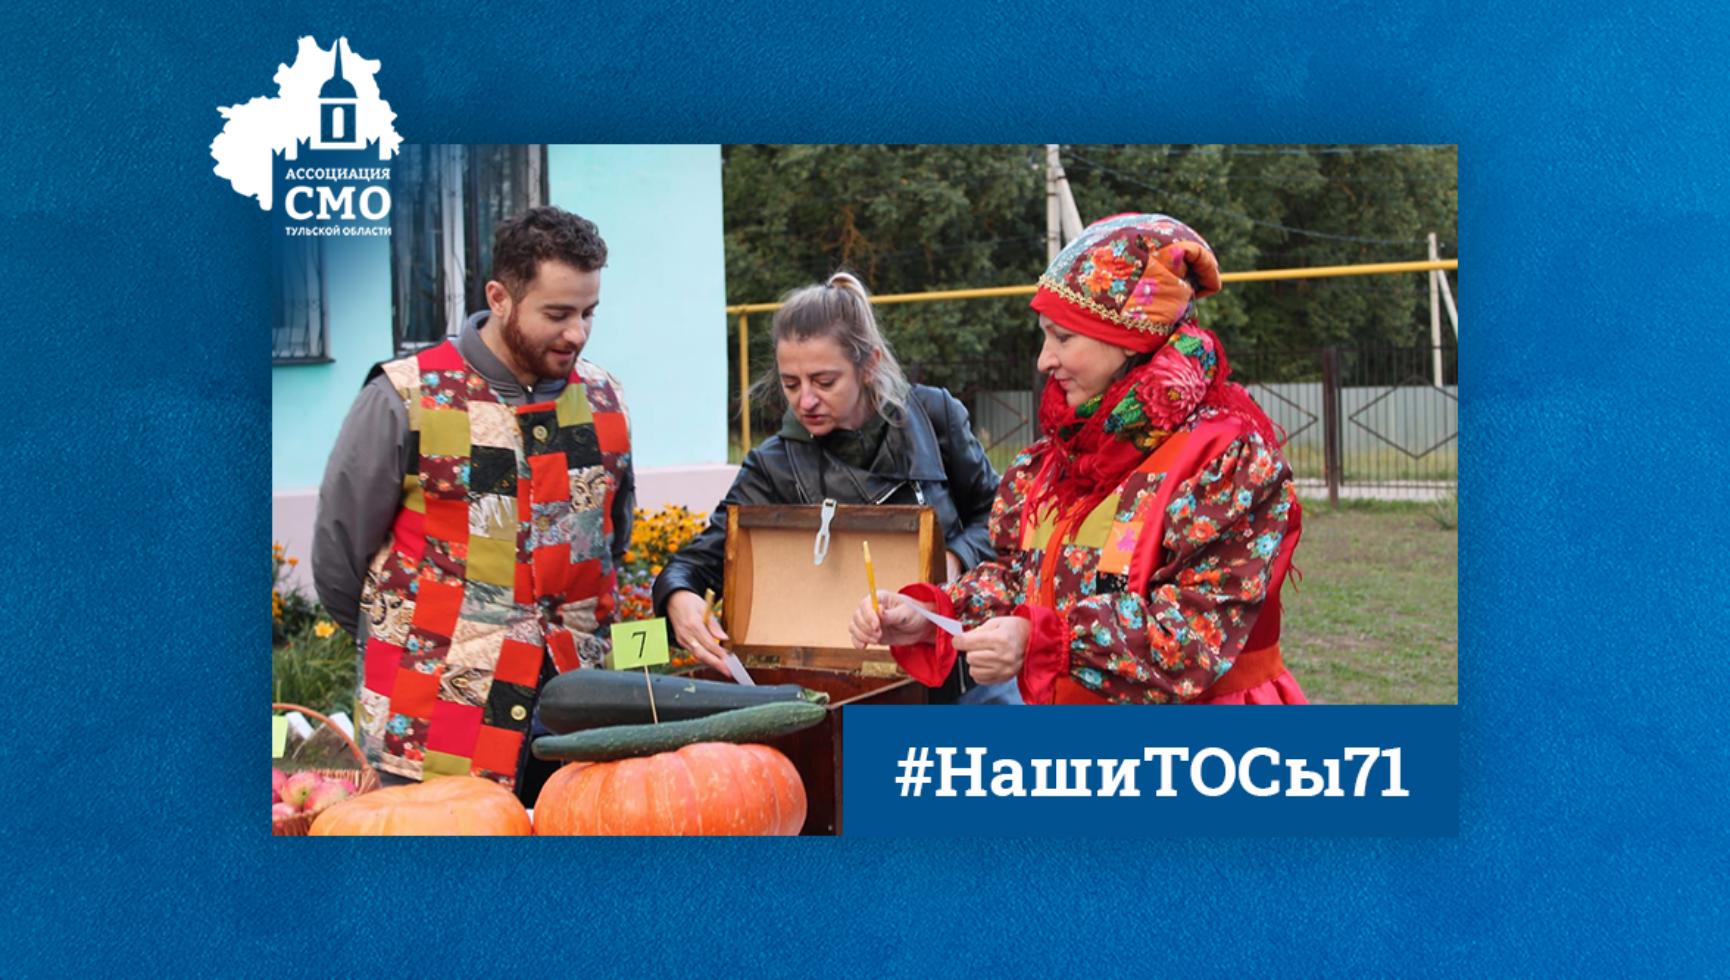 Фестиваль урожая, концерт, чаепитие: президентский грант позволил ТОС «поселок Хомяково» порадовать жителей